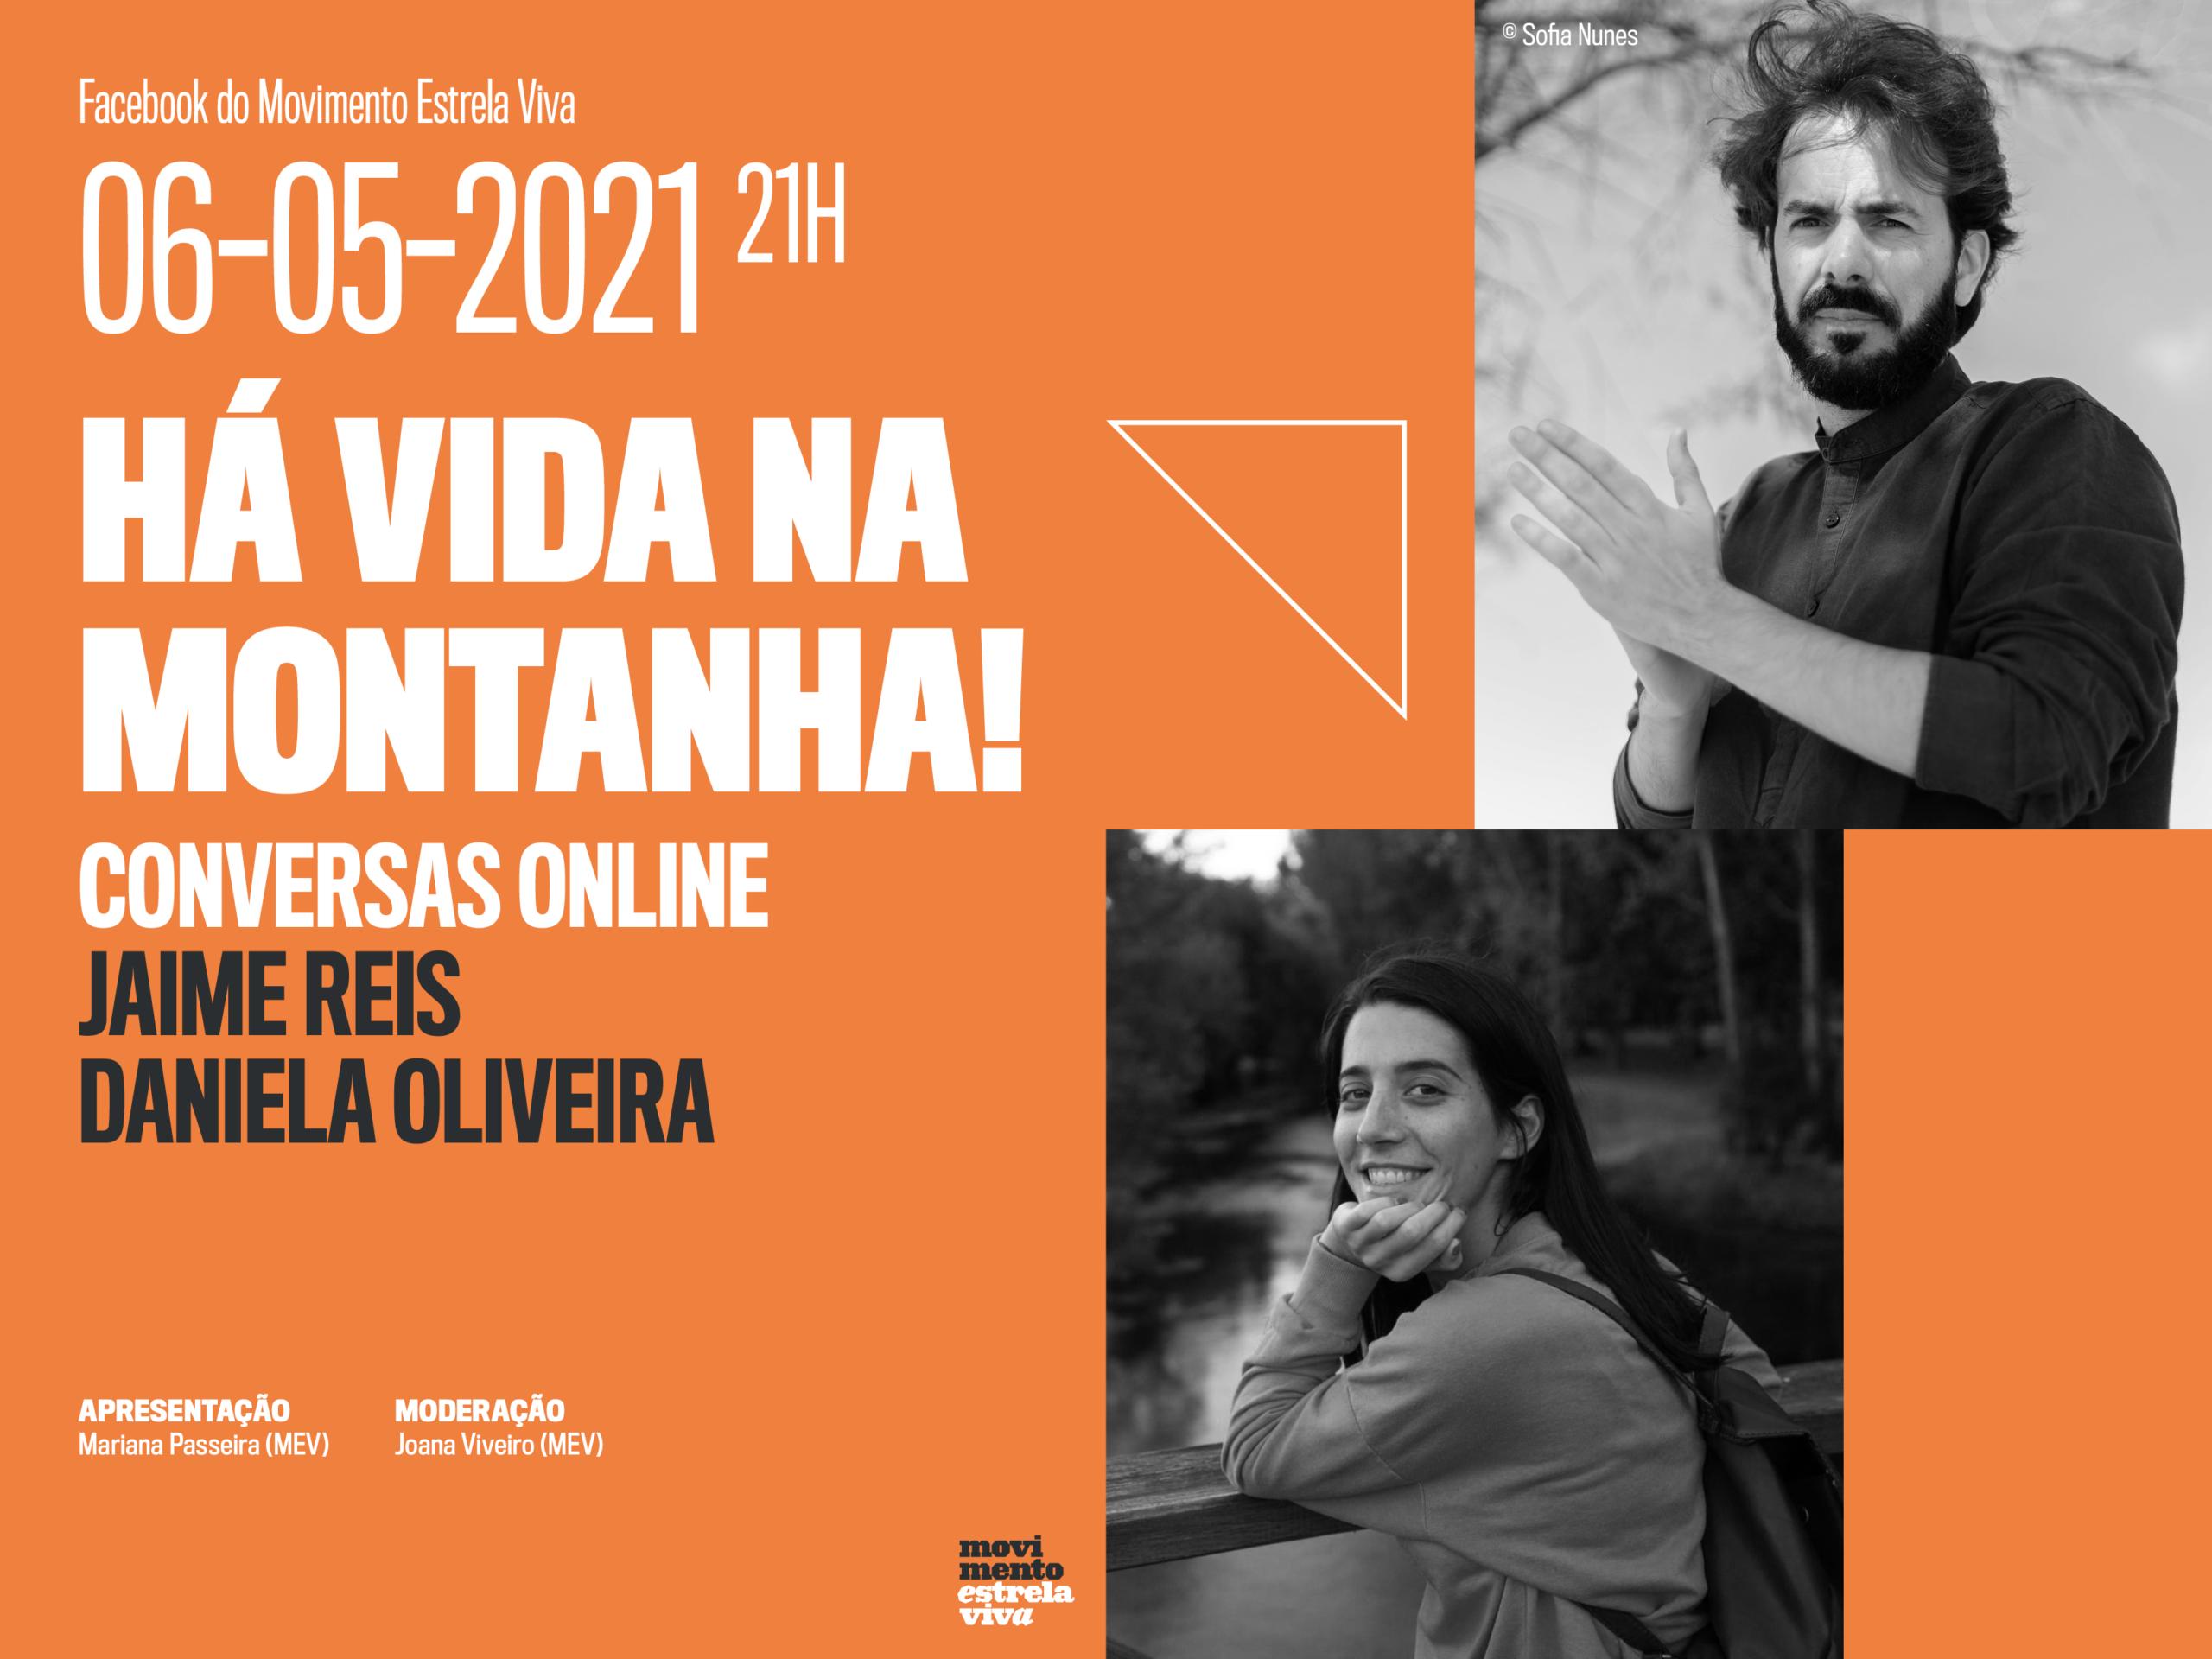 Movimento Estrela Viva prossegue ciclo de conversas sobre a vida na Serra da Estrela